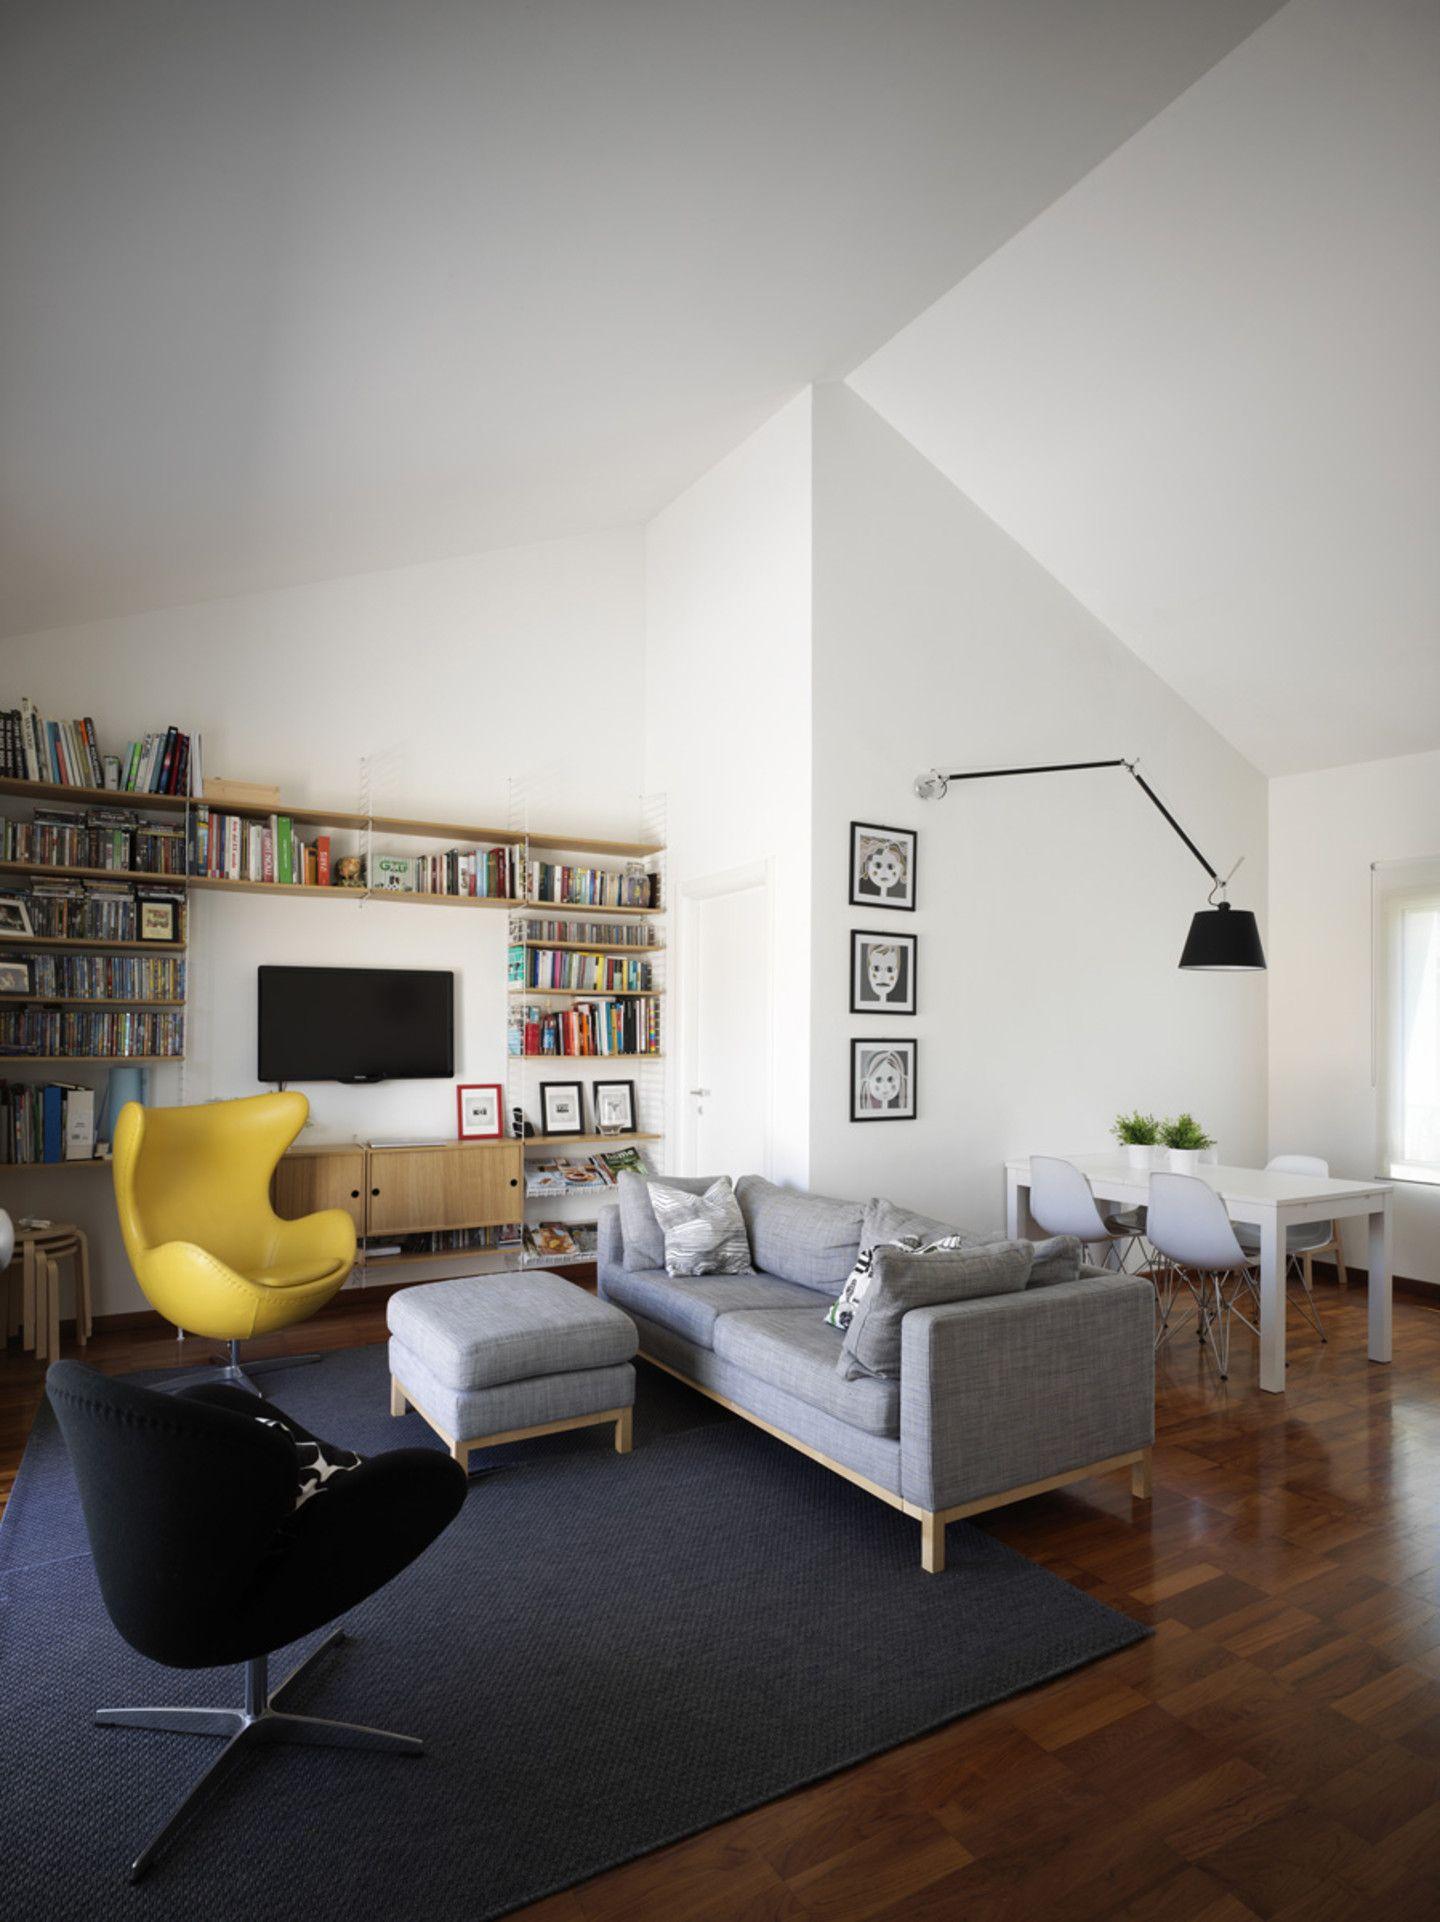 AND STUDIO S.r.L. engineering & contracting · La corte · Architettura italiana